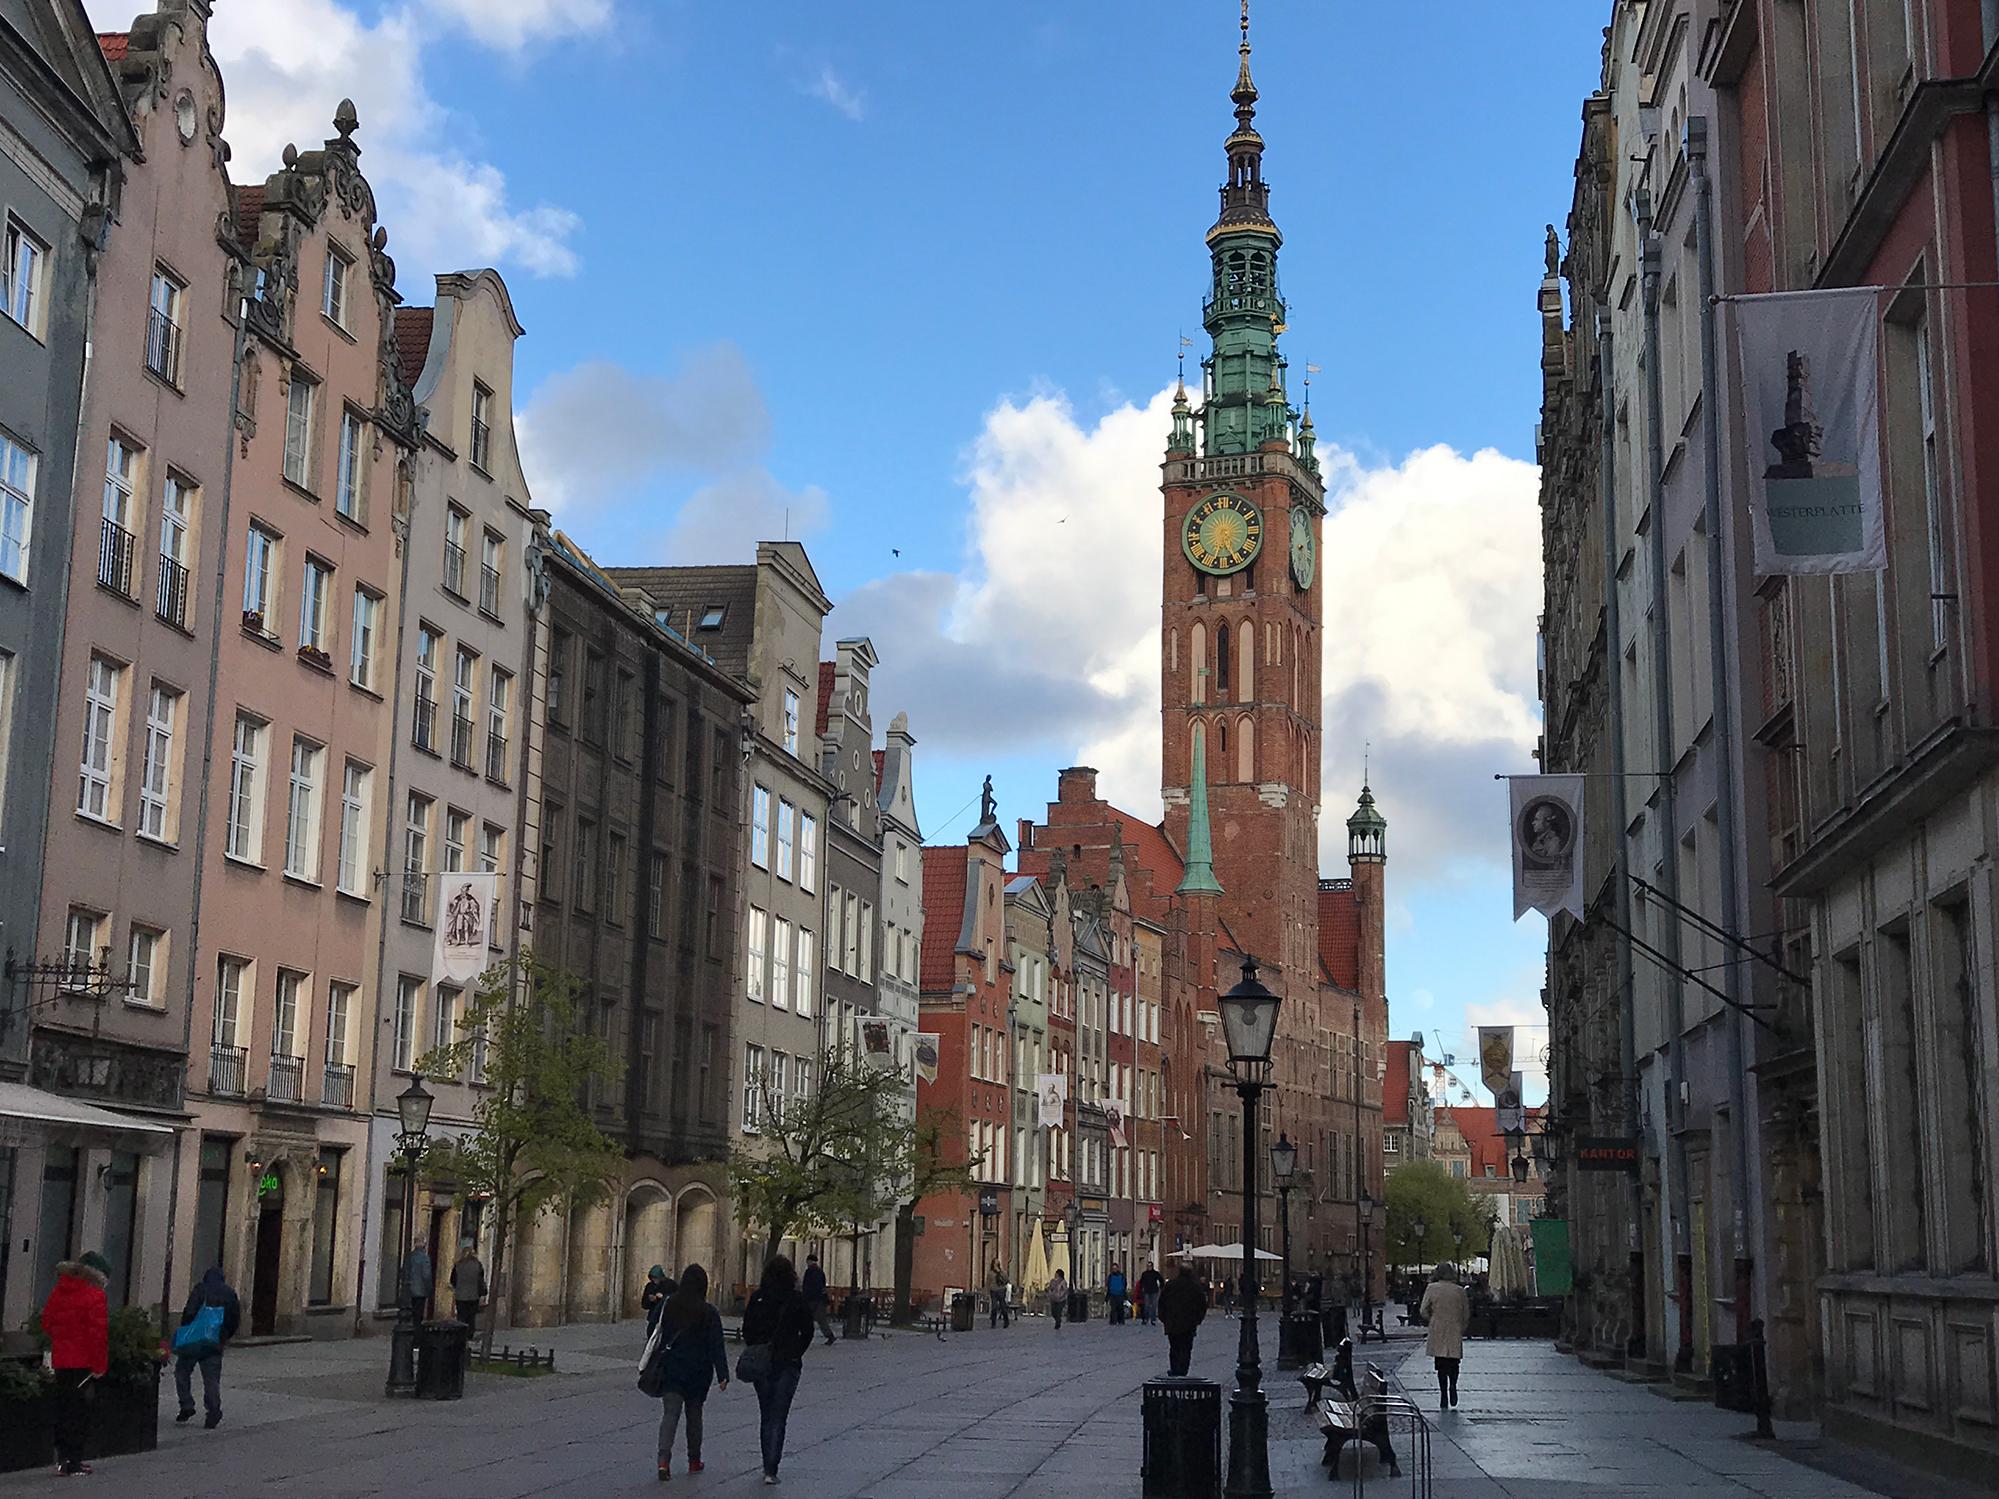 Długa and Ratusz Głównego Miasta (Main Town Hall), Gdańsk